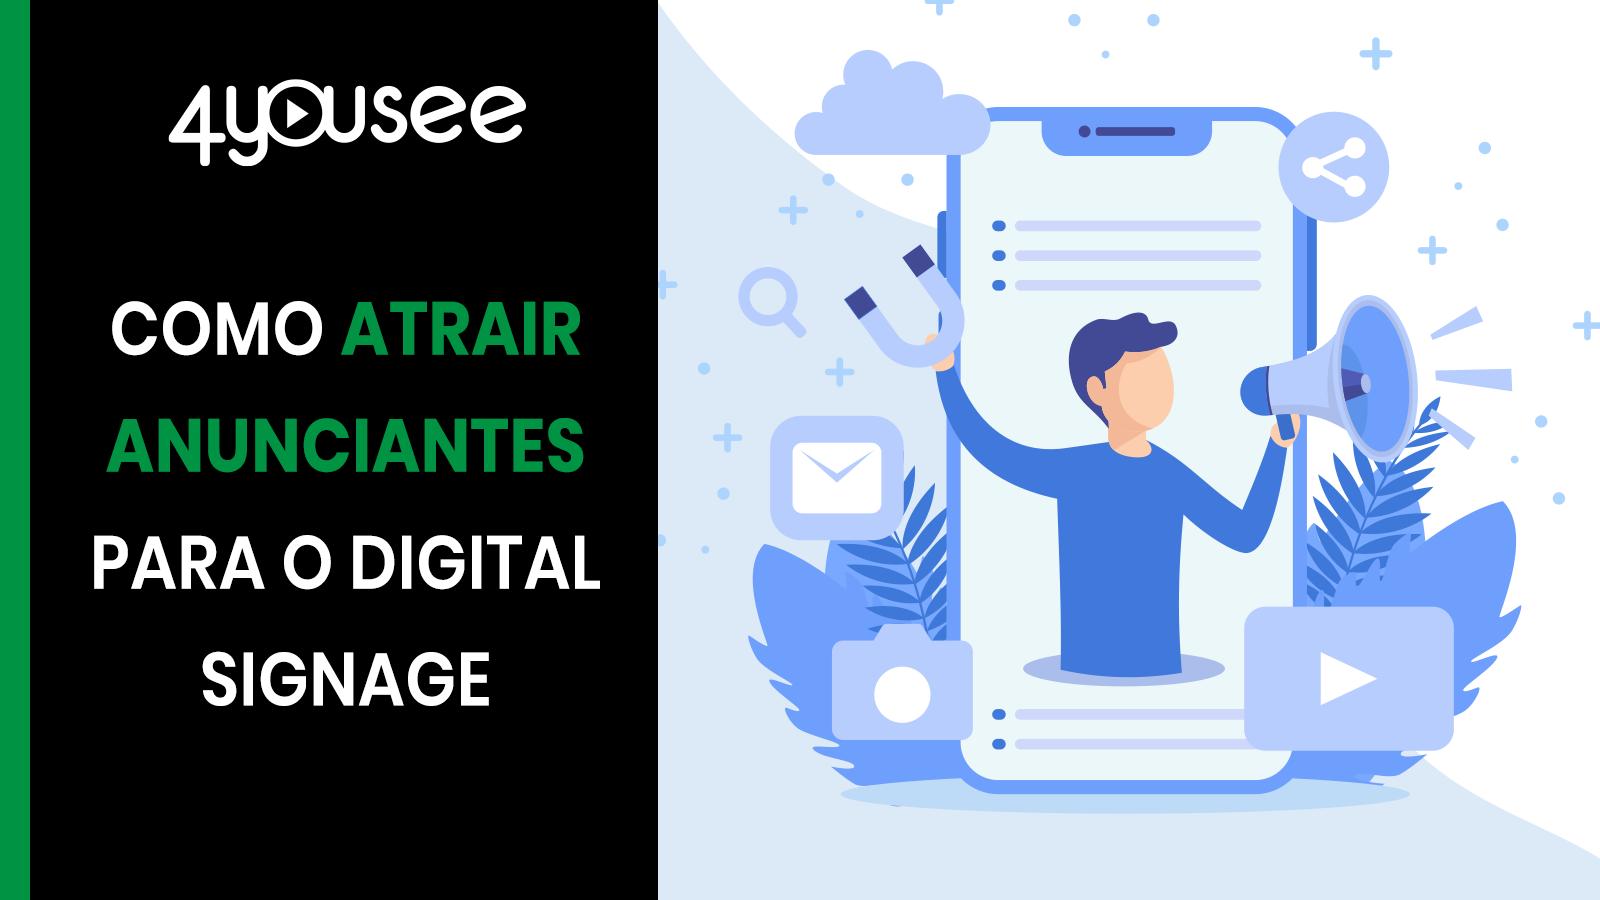 Como atrair anunciantes para o digital signage